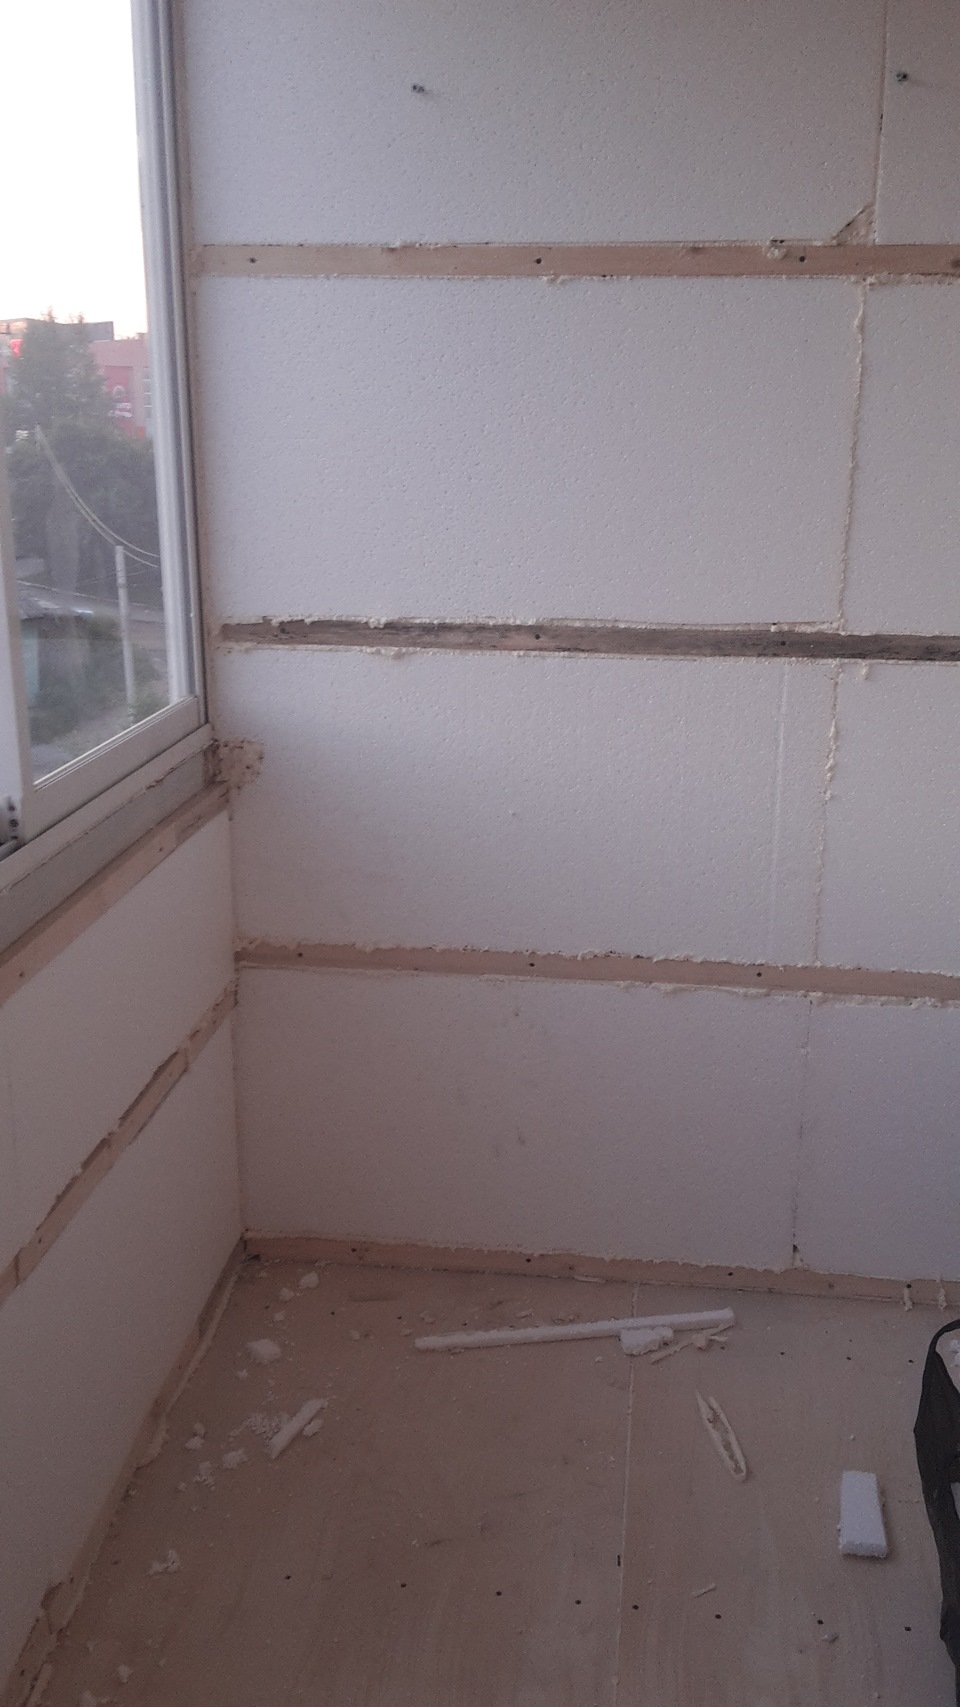 Утепляем пол на балконе своими руками: пенопластом, пеноплексом, мин. ватой (пошаговая инструкция)